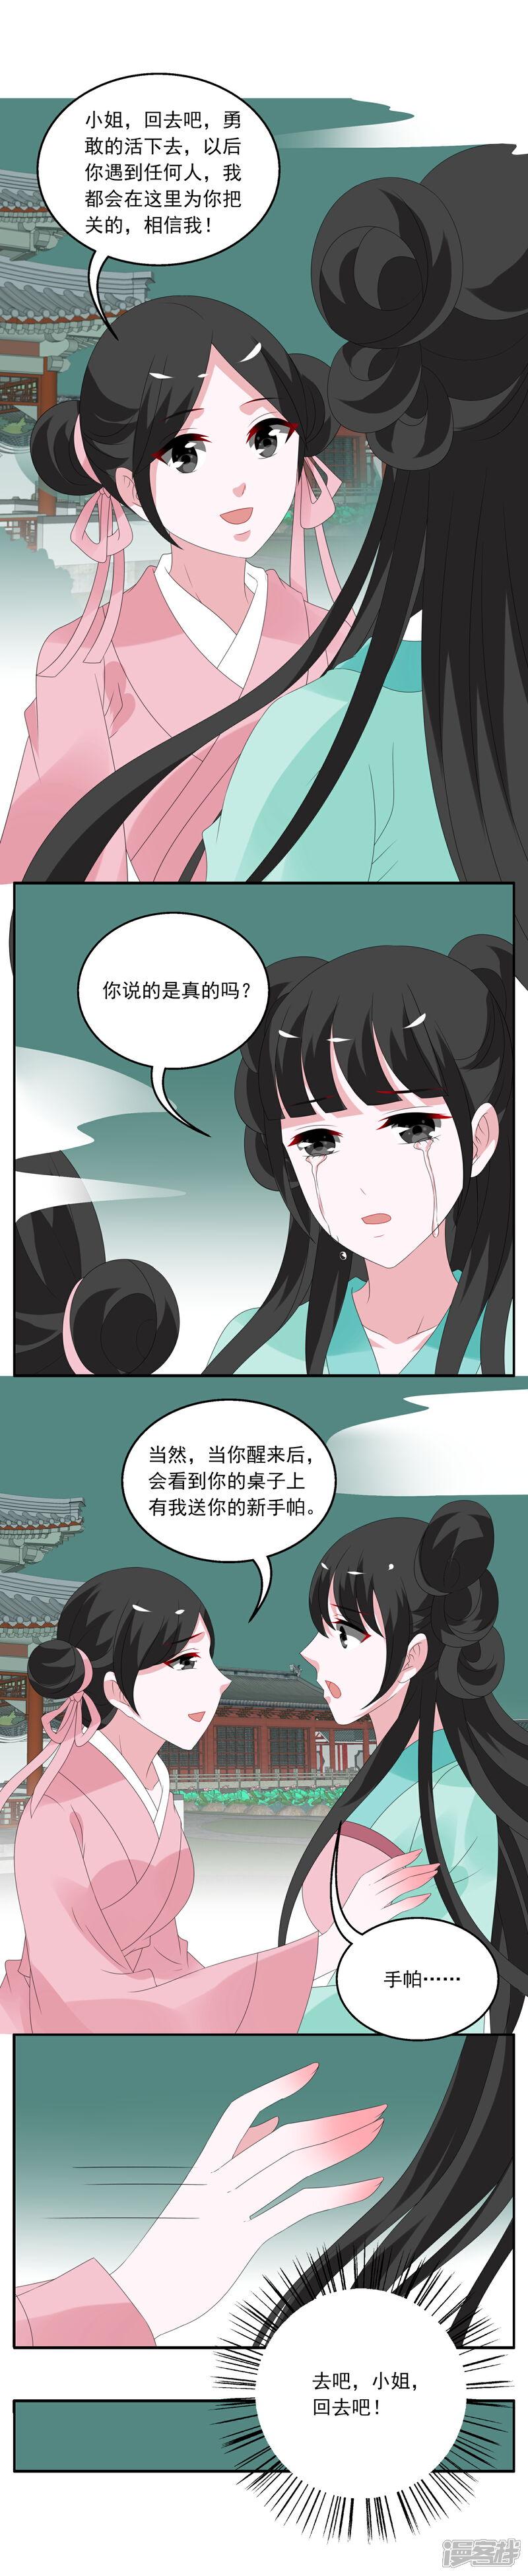 洛小妖136 (2).JPG